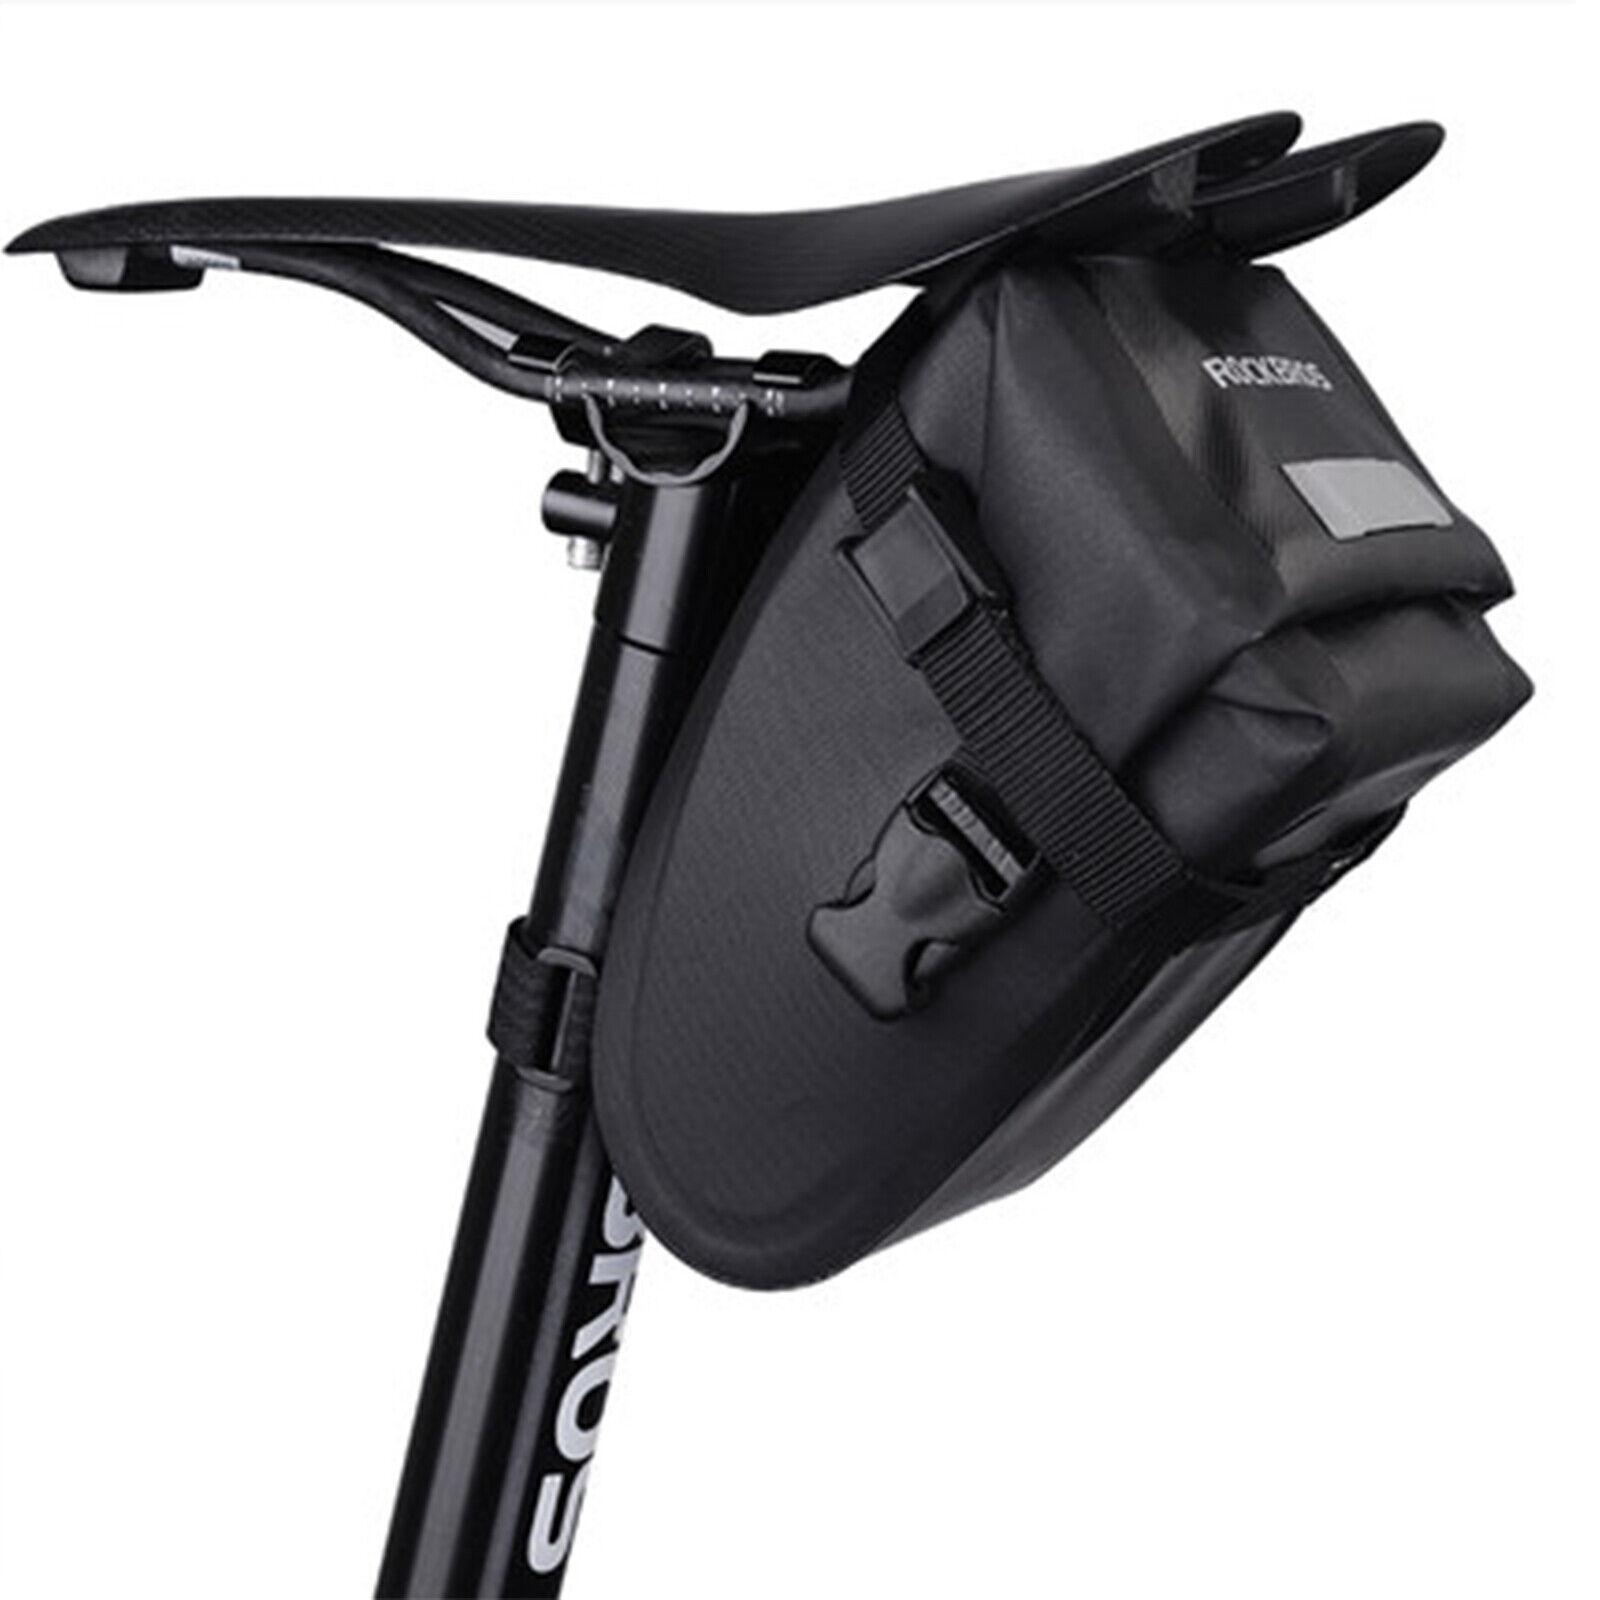 ROCKBROS  Satteltasche Fahrradtasche Sitztasche mit Regenschutz Schwarz DHL